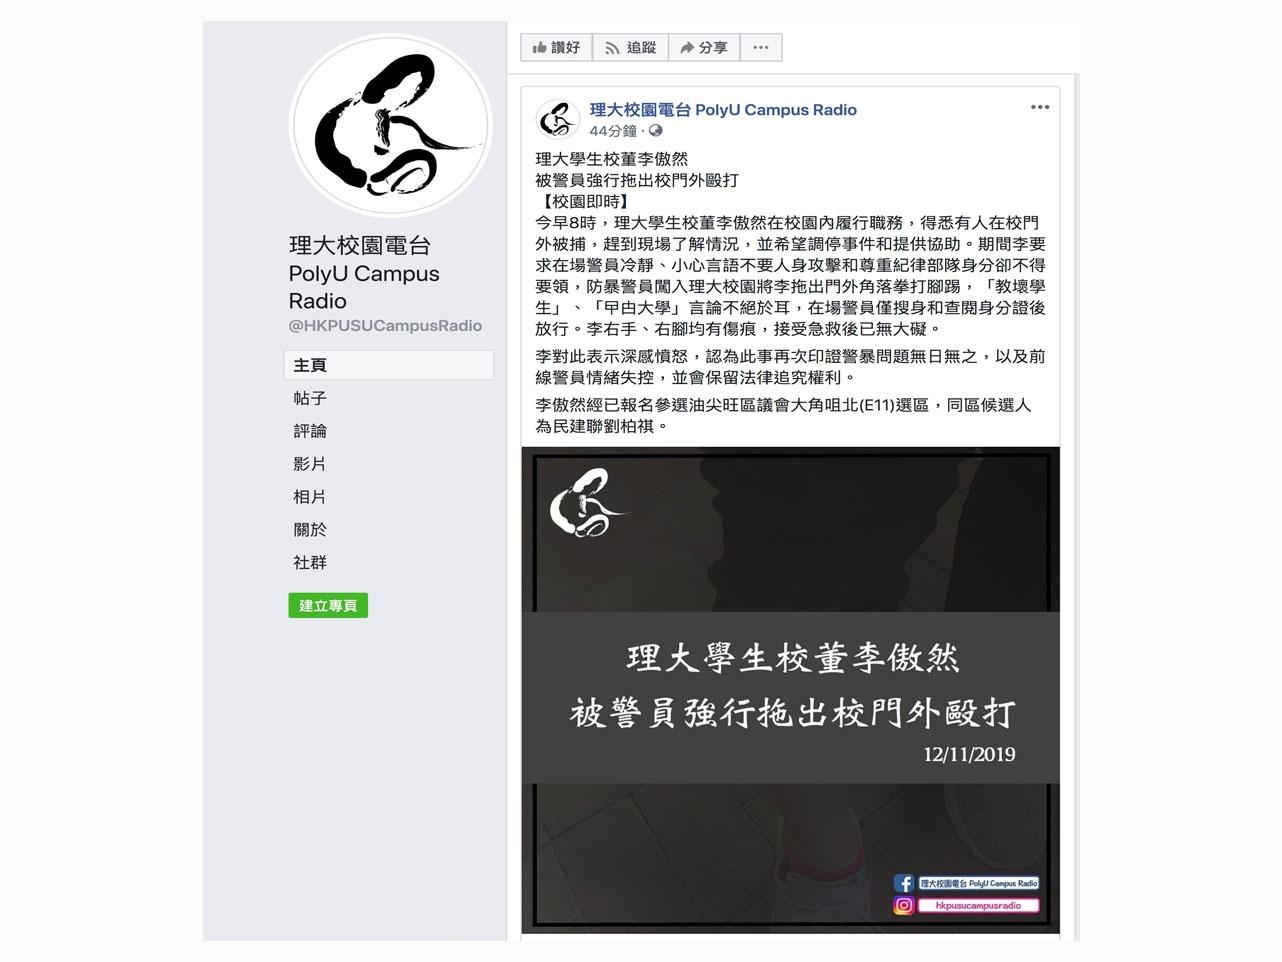 理工大學生校董李傲然,被防暴警員拉出校門外拳打腳踢,右手和右腳受傷,在被警員搜身及查閱身分證後獲得放行。(Facebook 截圖)